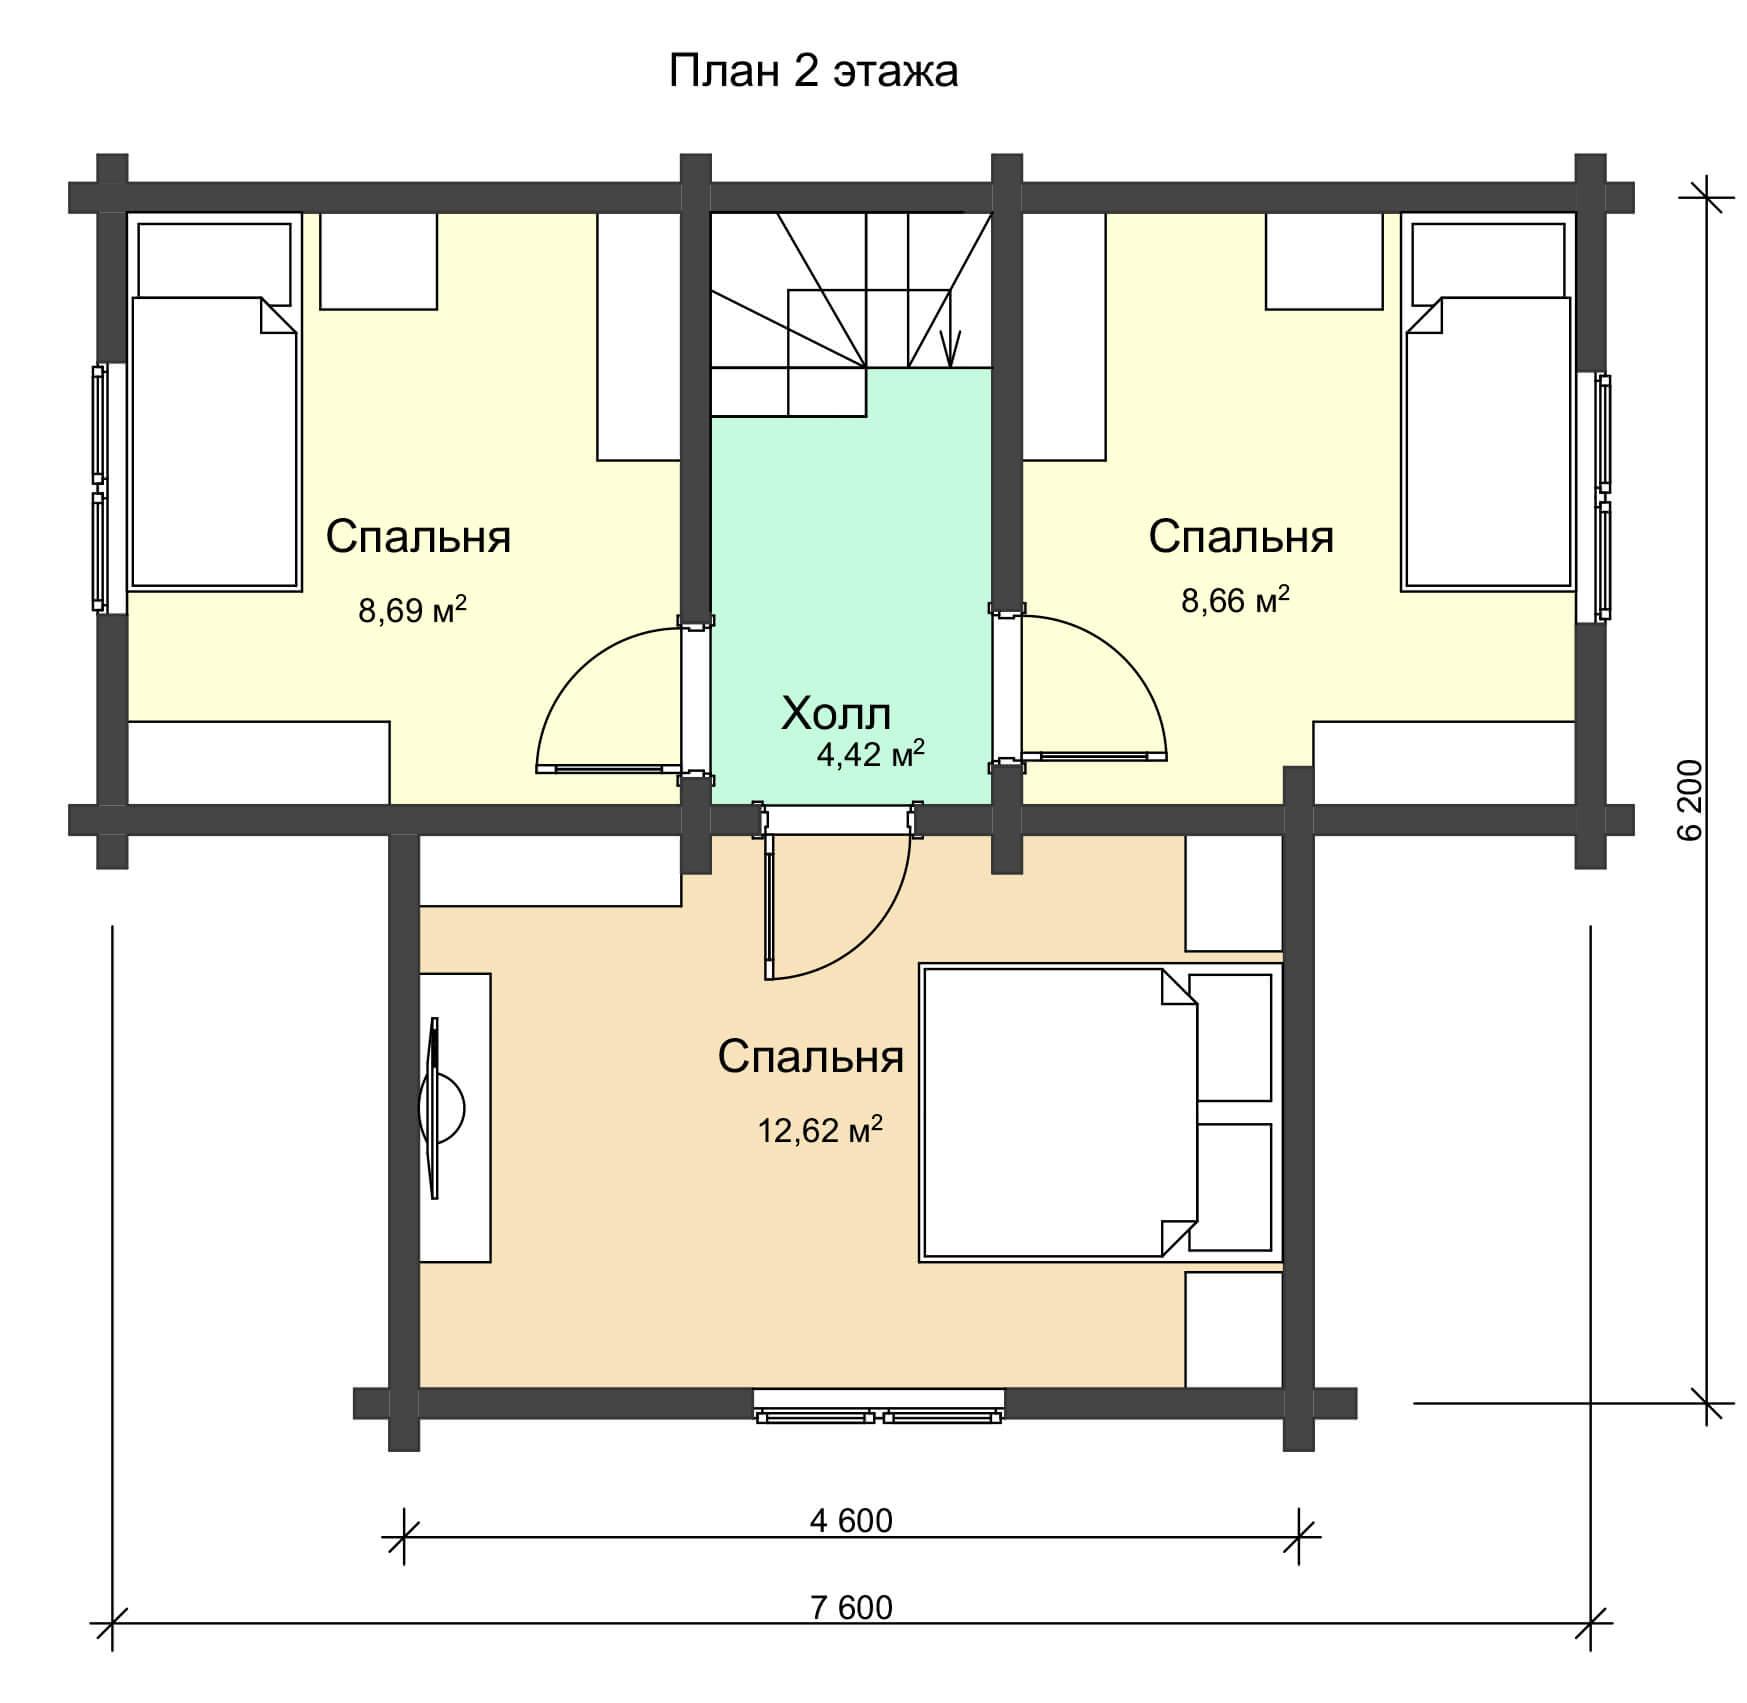 План 2 этажа двухэтажного дома из профилированного бруса НД 1-17